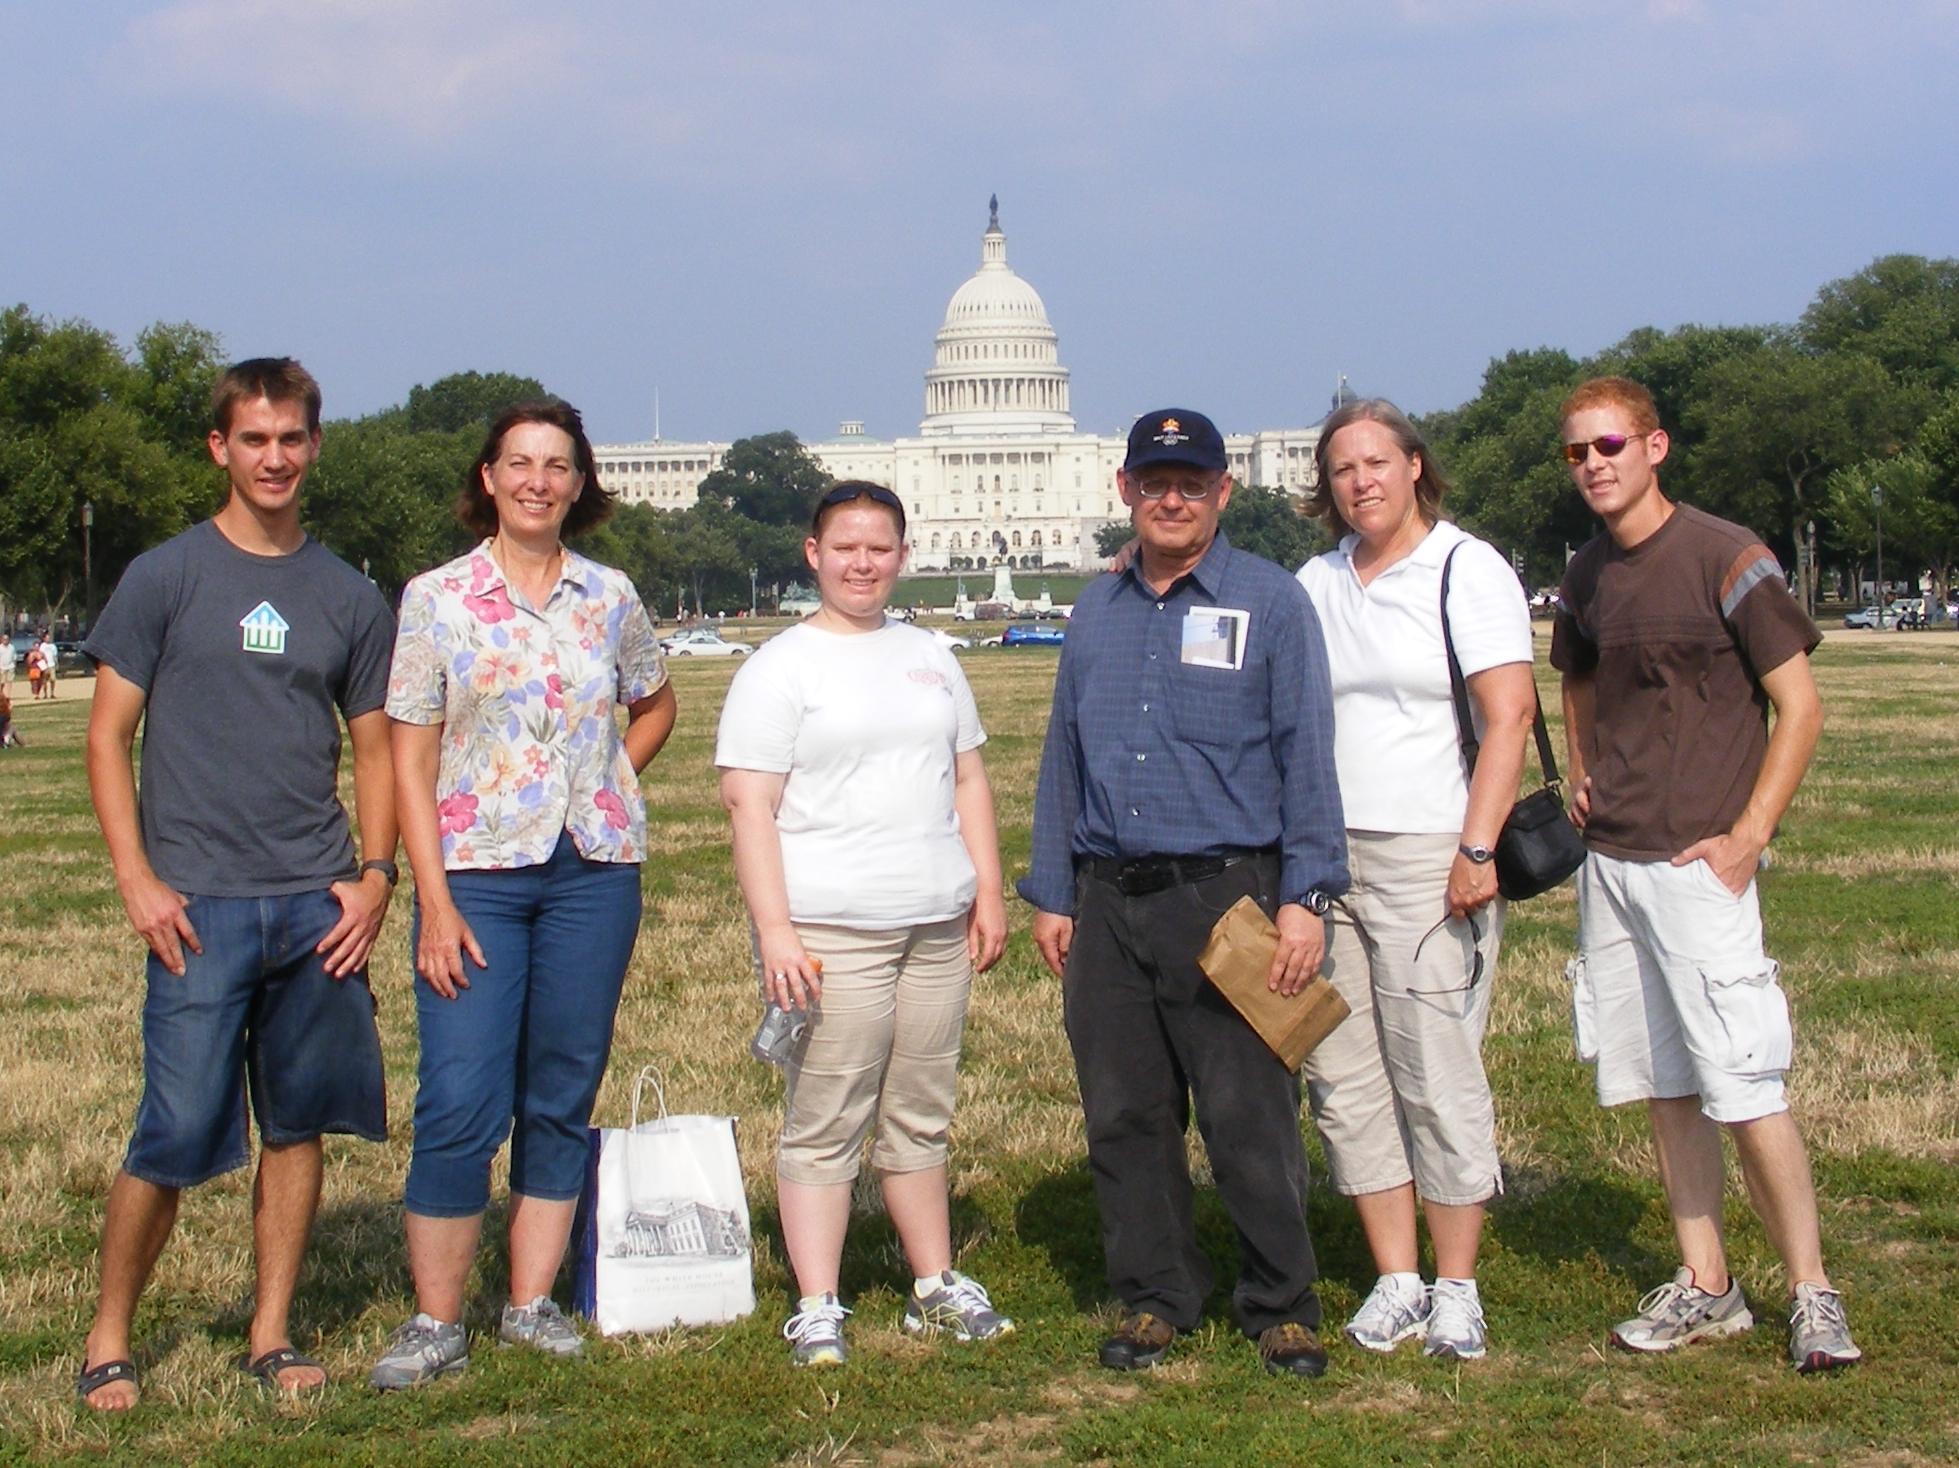 United States Capitol, Washington D.C.